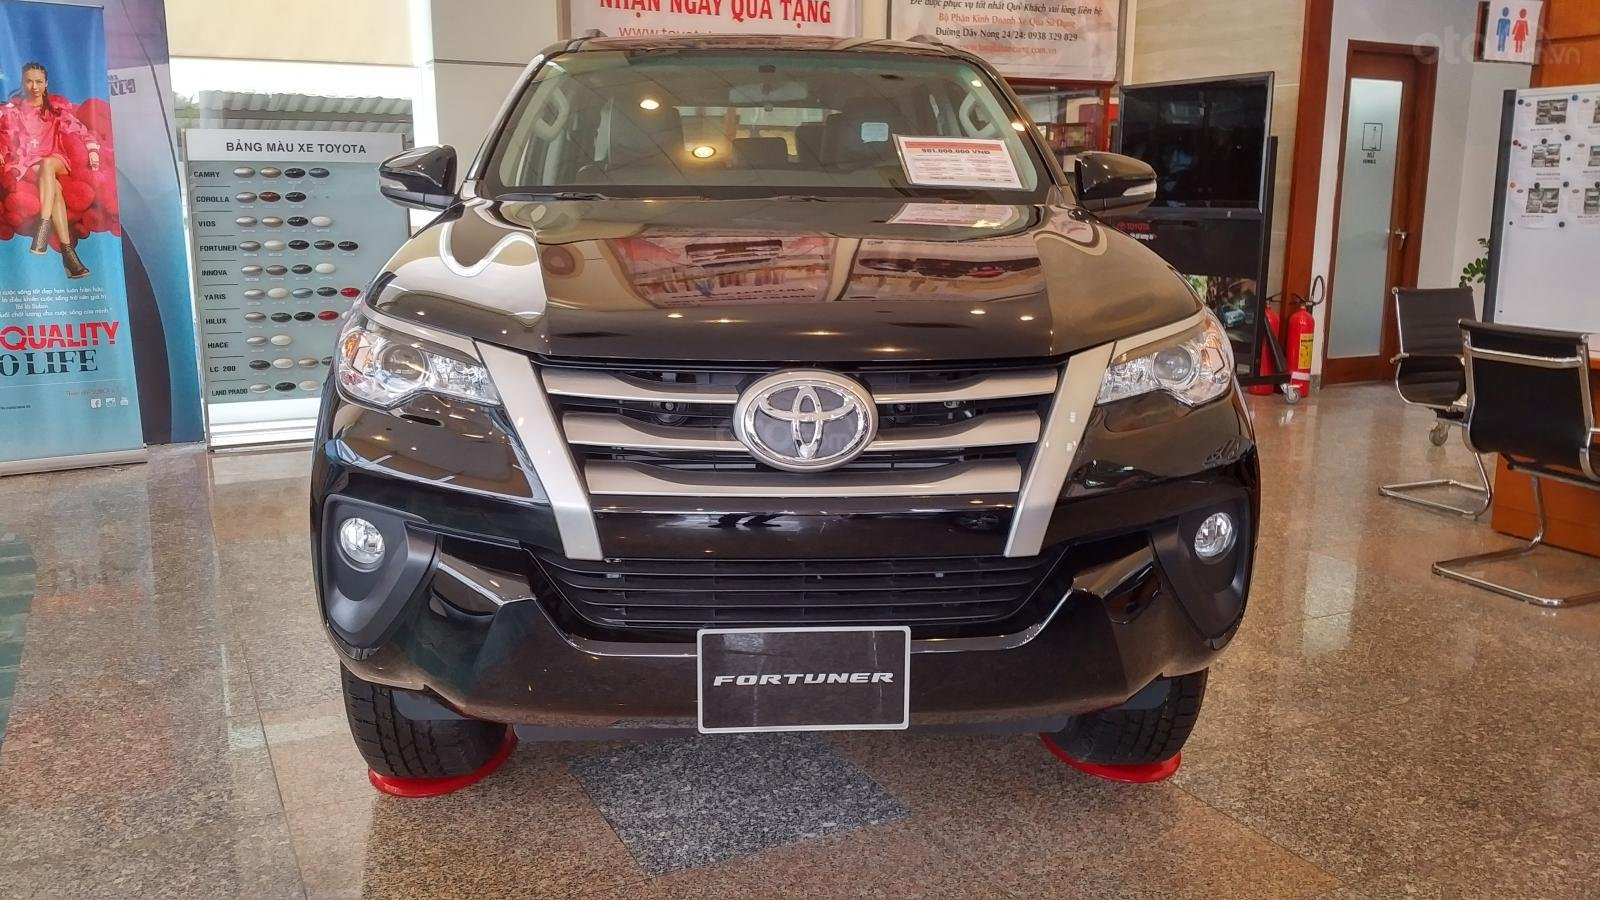 Toyota Fortuner 2.4G số sàn - 998 triệu - Đủ màu - Ưu đãi cực nhiều - Có xe giao ngay - Liên hệ 0902750051-0